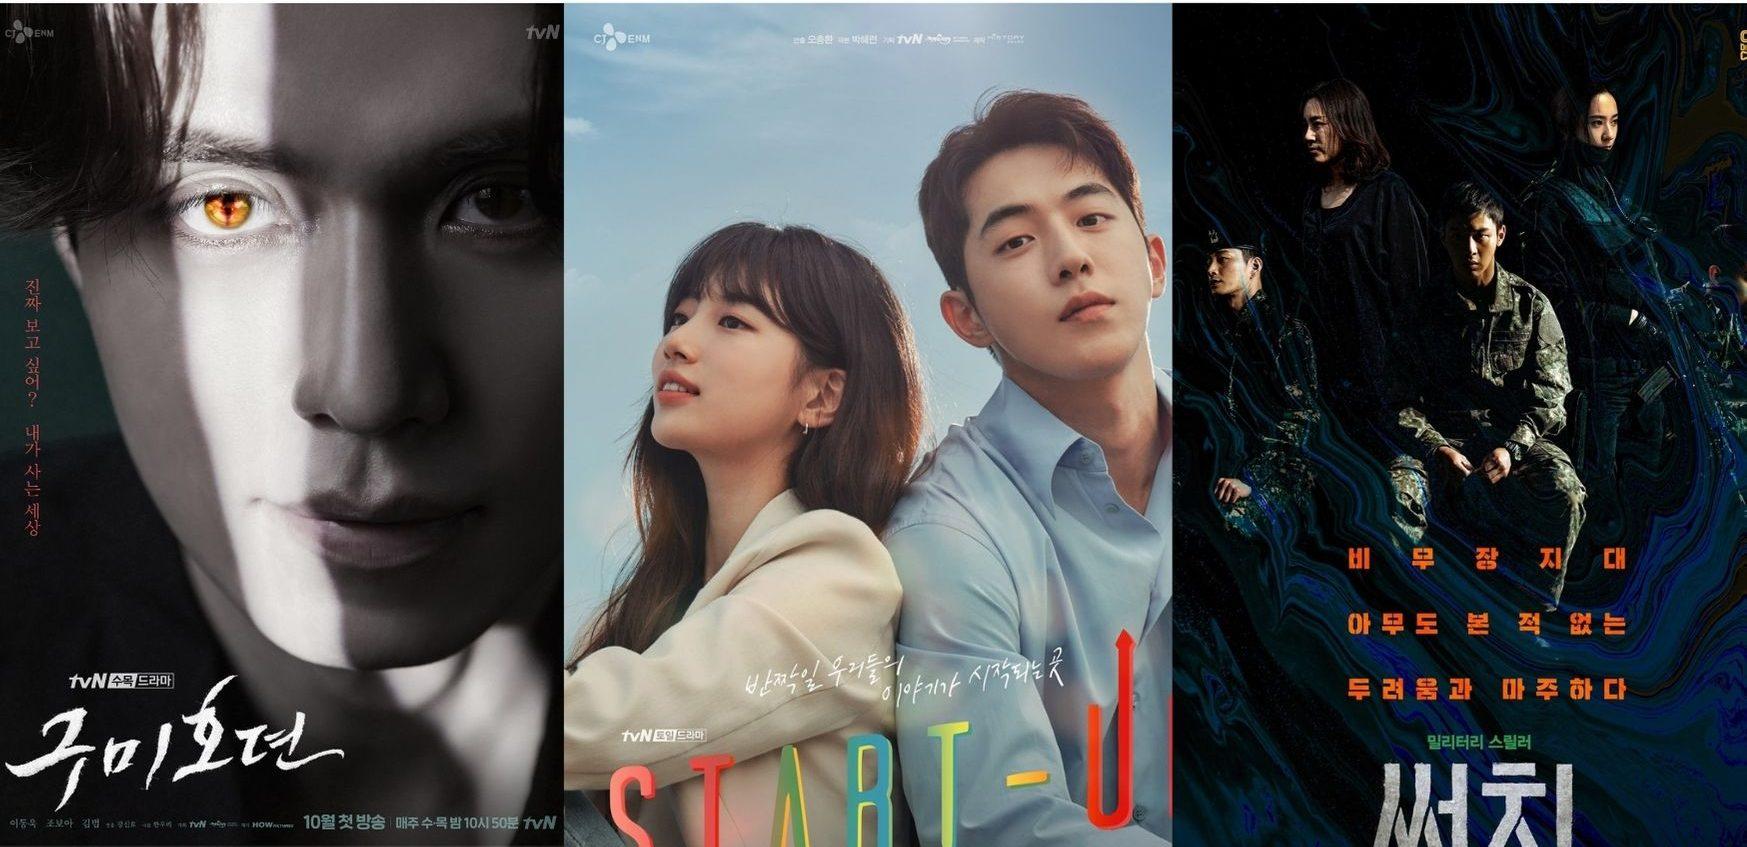 K Dramas Estrenos Mes De Octubre 2020 Norae Magazine Streaming, nonton start up sub indo. k dramas estrenos mes de octubre 2020